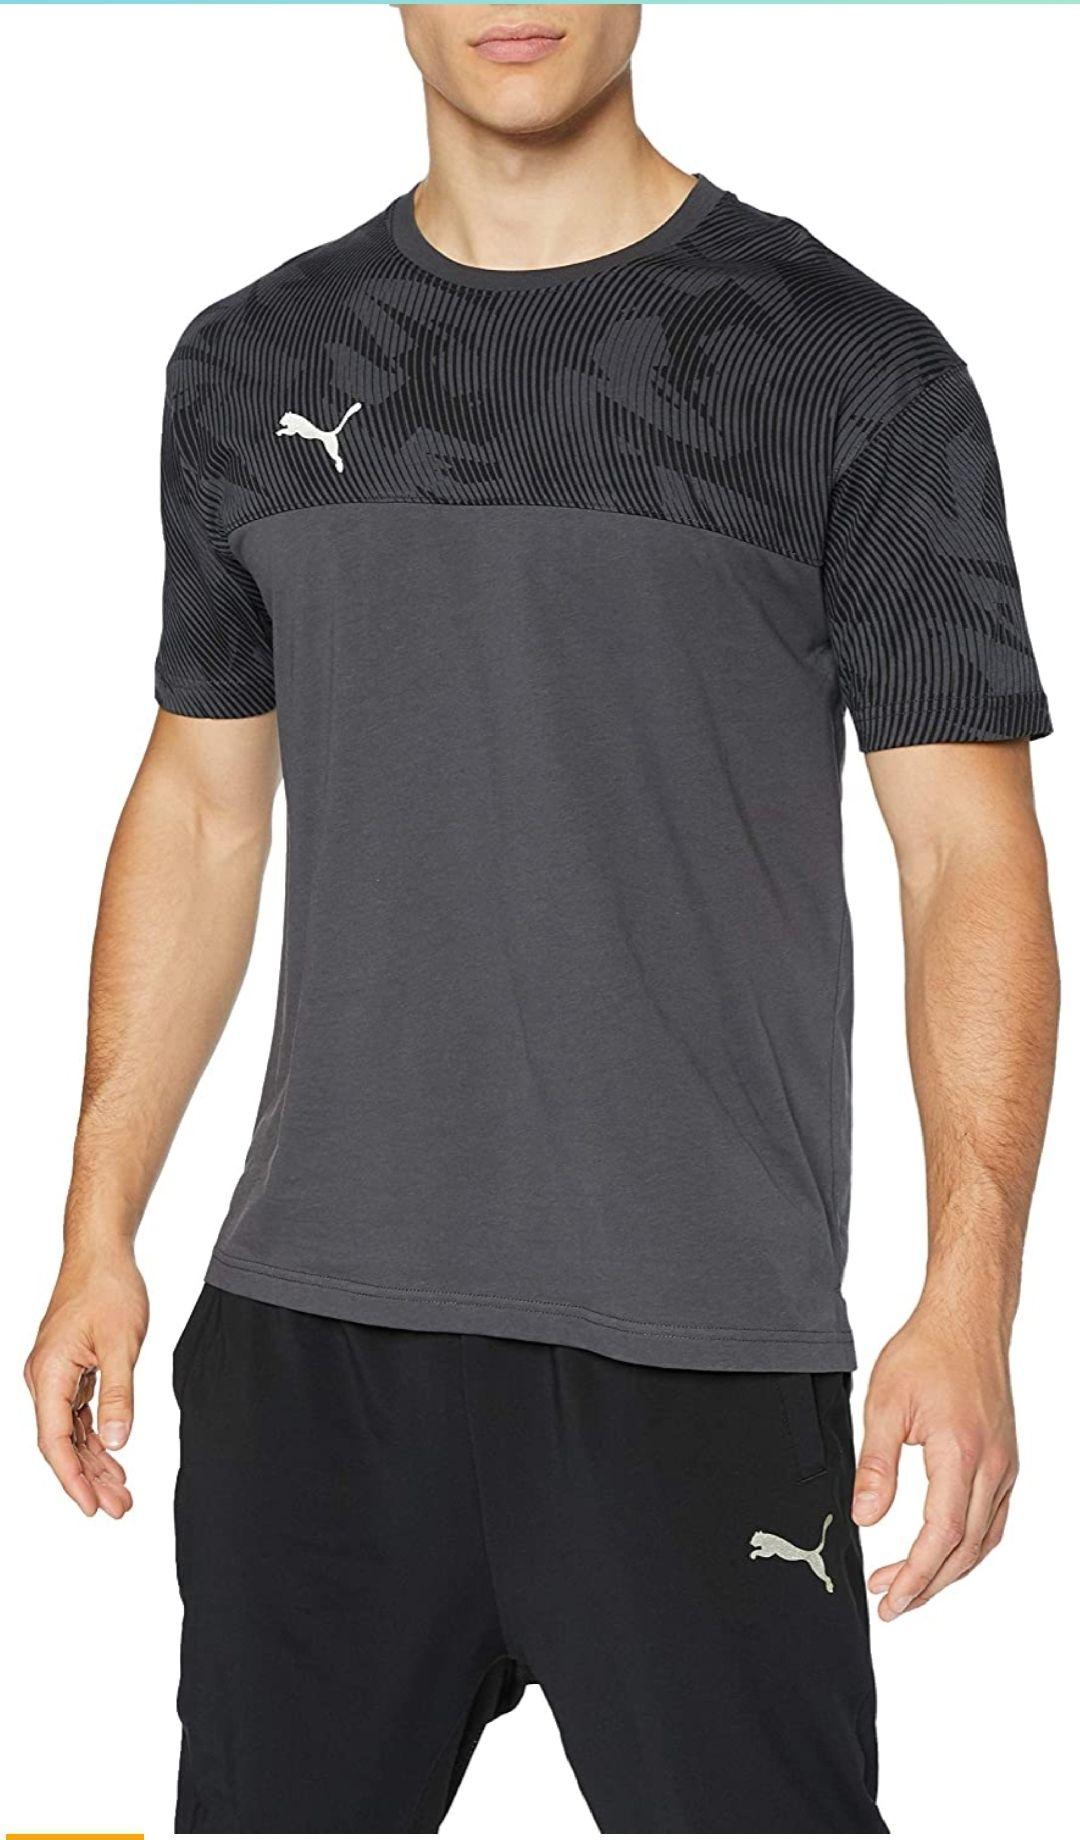 T-shirt pour Homme Puma Cup Casuals à partir de 12.99€ - Tailles et couleurs au choix